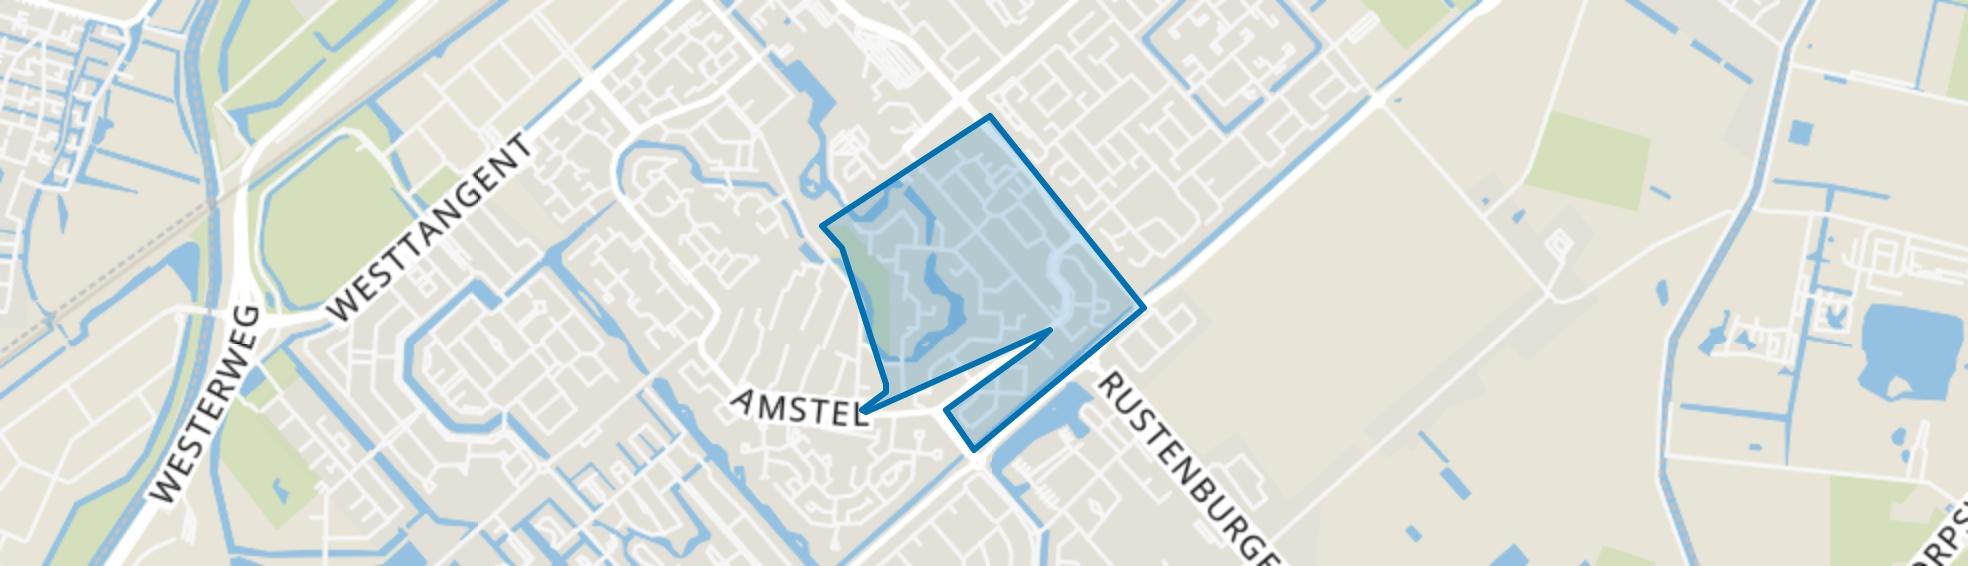 Molenwijk, Heerhugowaard map